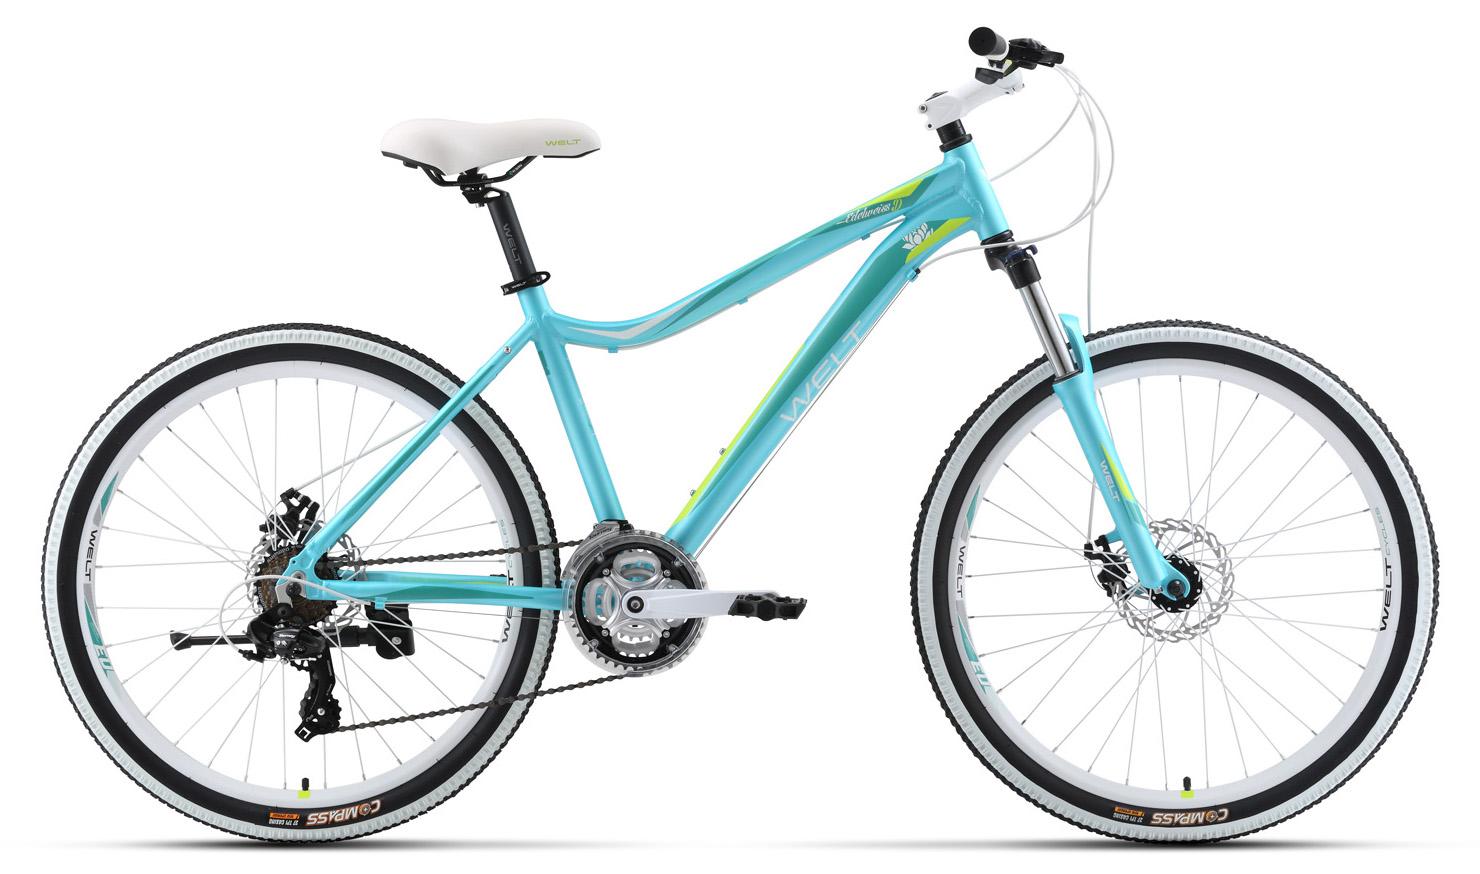 Велосипед Welt 2018 Edelweiss 1.0 D matt sea blue/green (US:M), Велосипеды - арт. 997440390